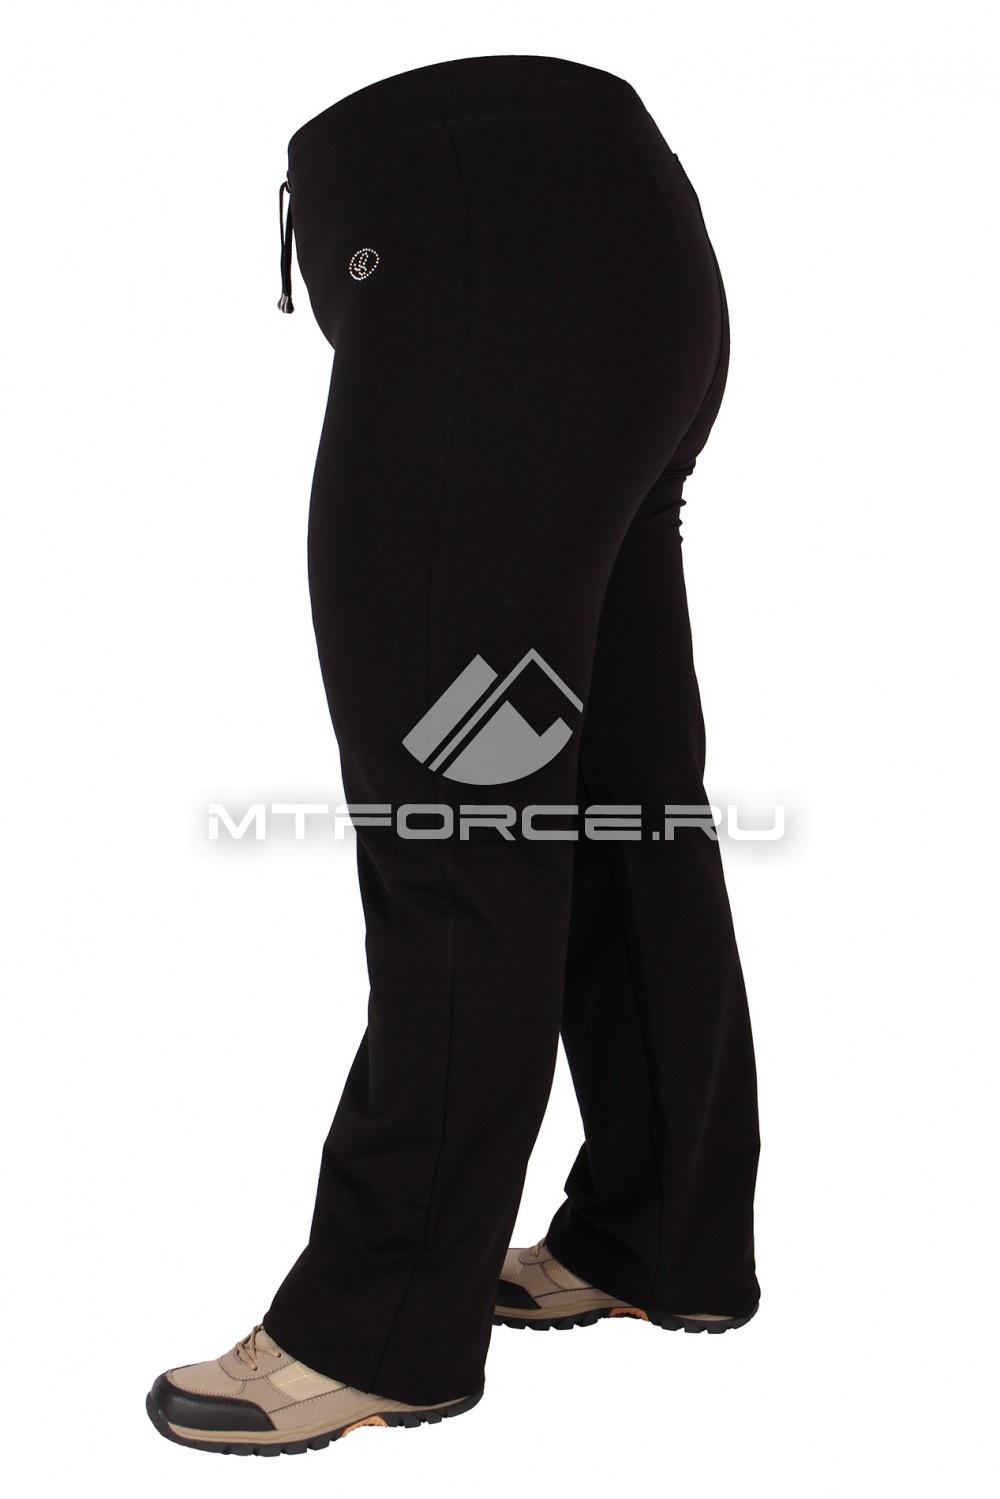 Купить                                  оптом Брюки трикотажные женские большого размера черного цвета 05Ch в Санкт-Петербурге